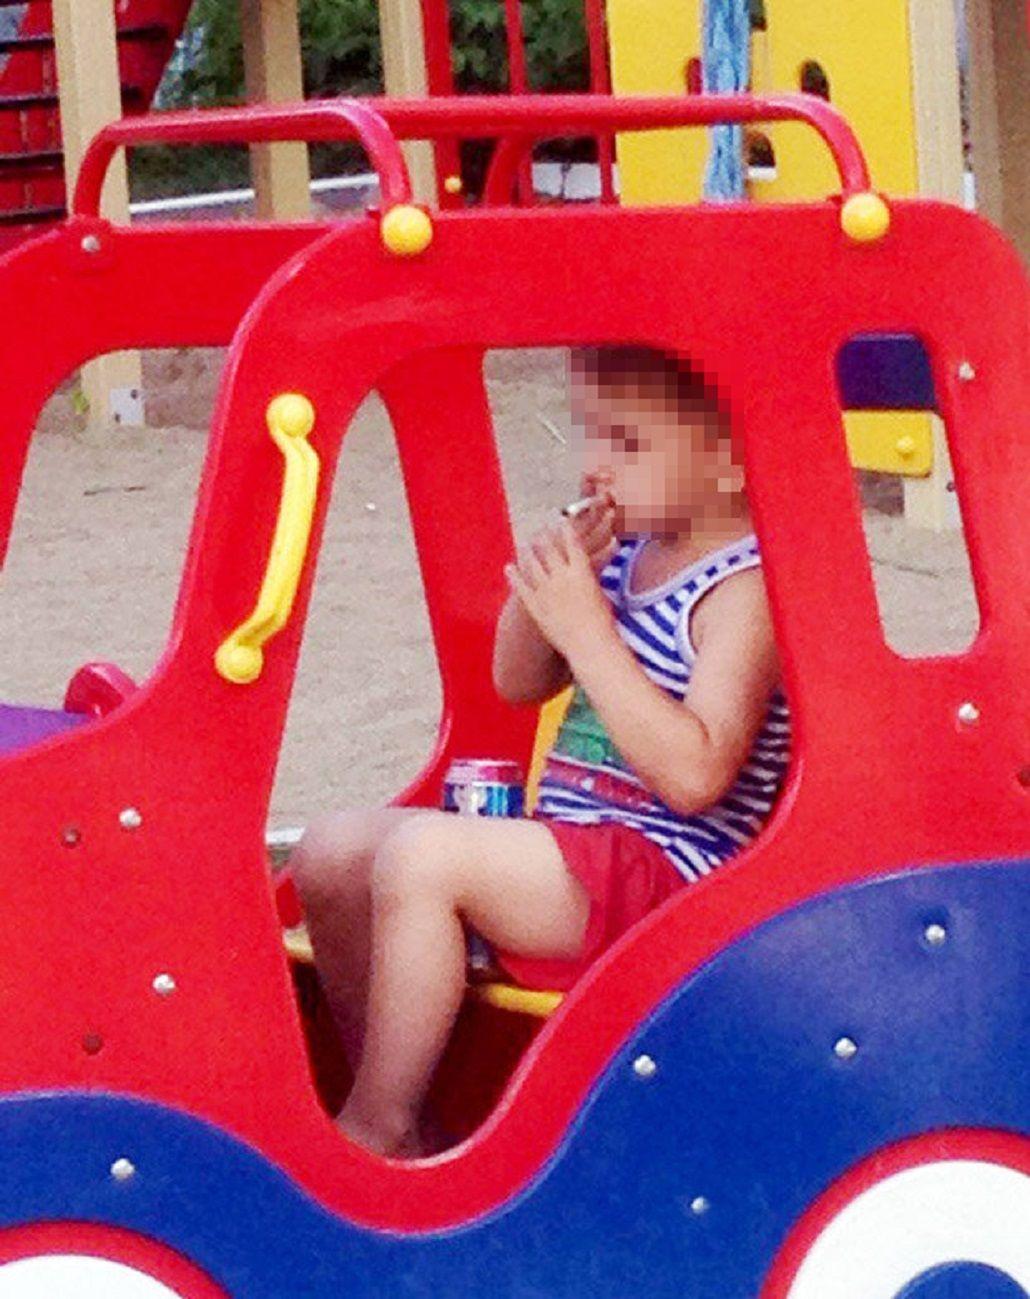 Conmueve la foto de un nene de 5 años fumando y tomando